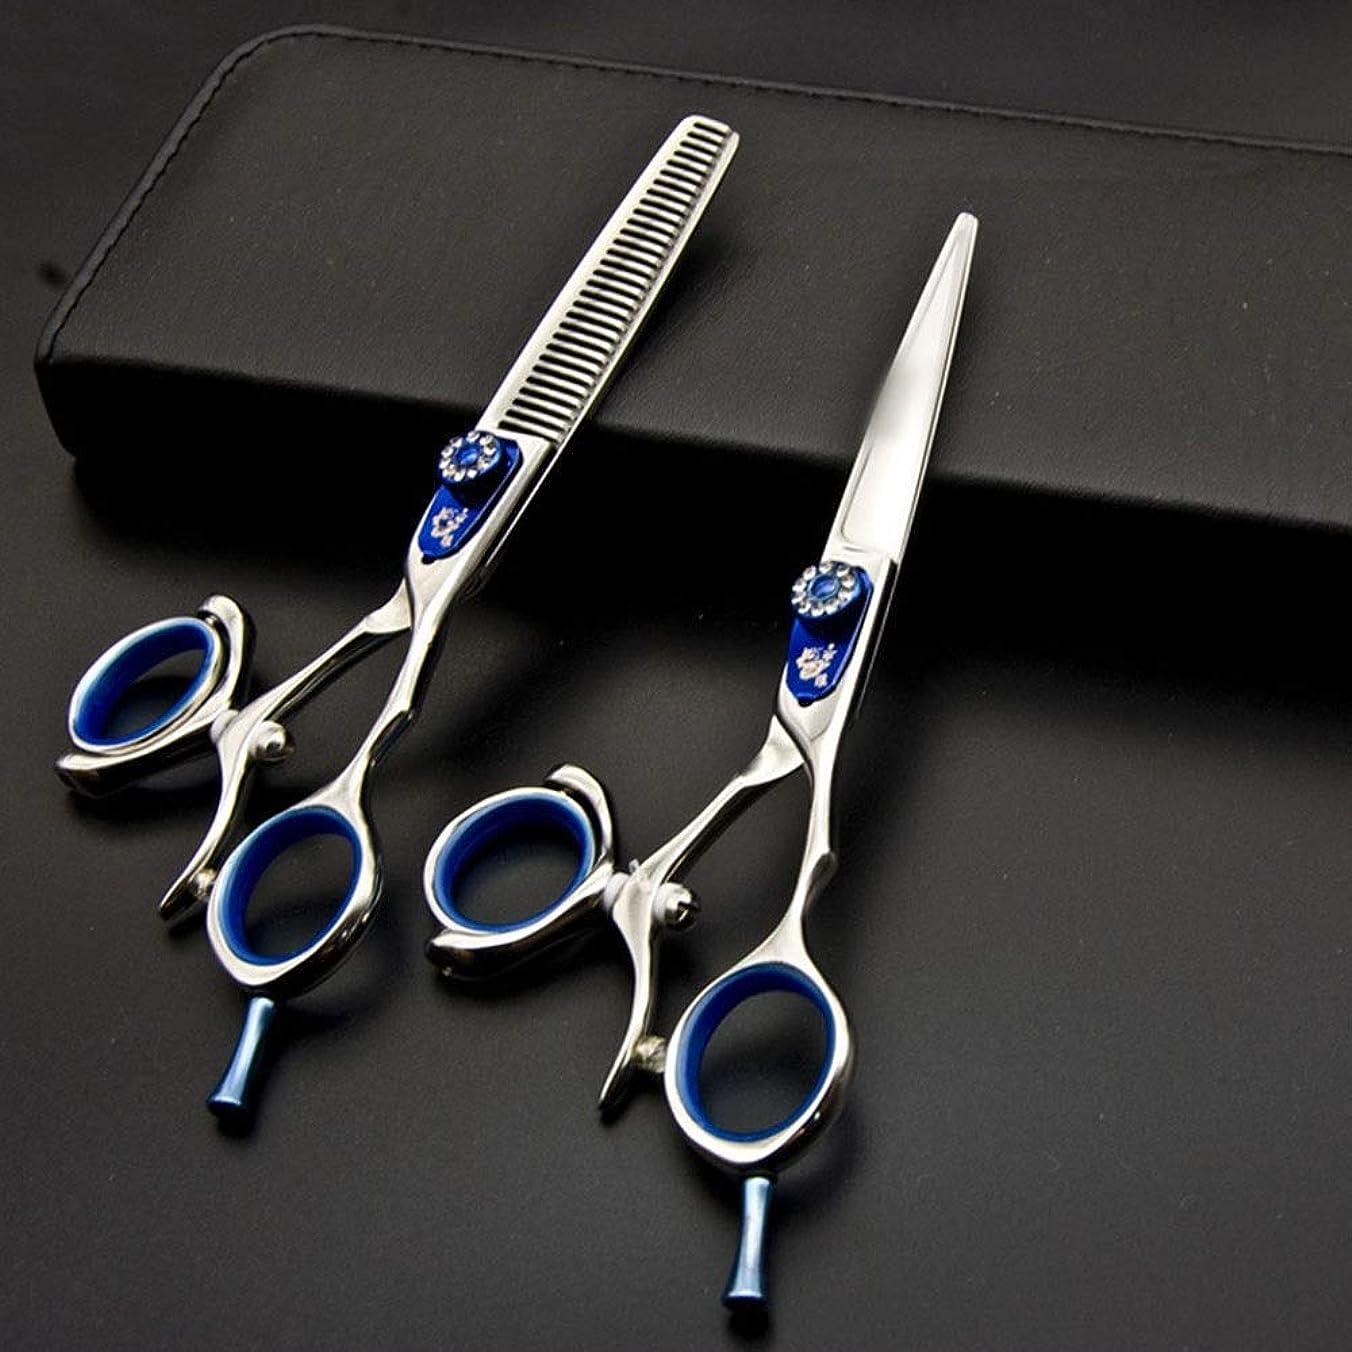 群集征服するラジエーター6インチ美容院プロのヘアカットせん断セット、440 Cクリエイティブフィンガーはさみセット モデリングツール (色 : 青)